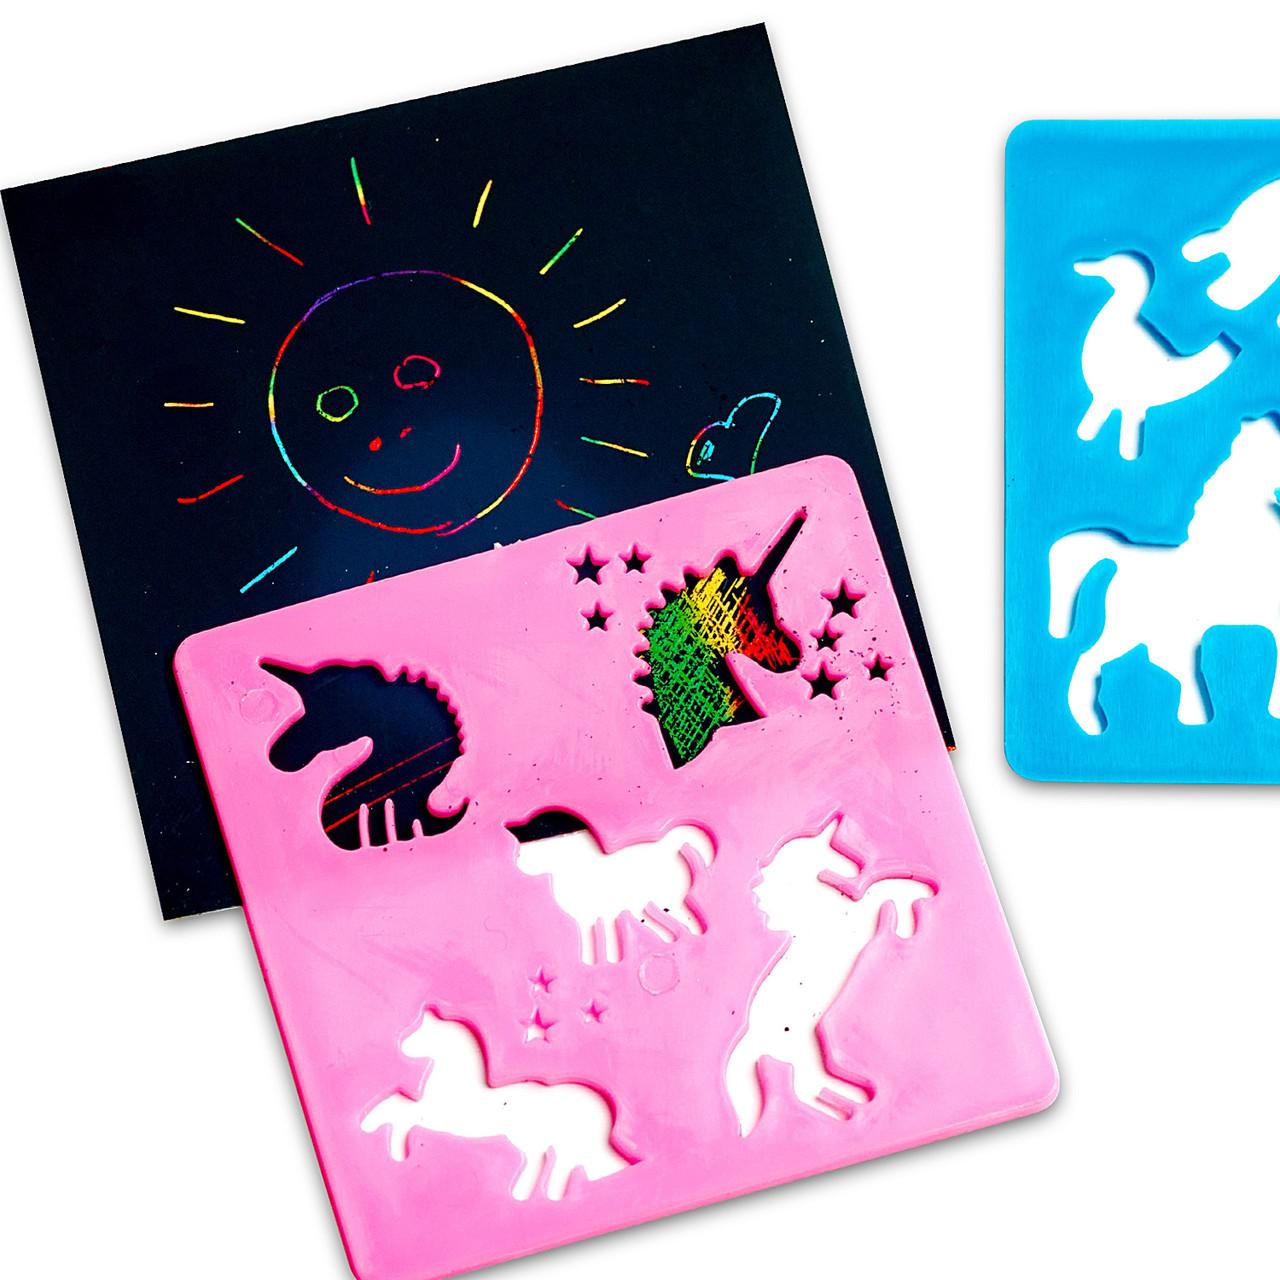 Набор для скретч букинга Rainbow Scretch скретч набор для творчества детский разноцветный с шаблонами